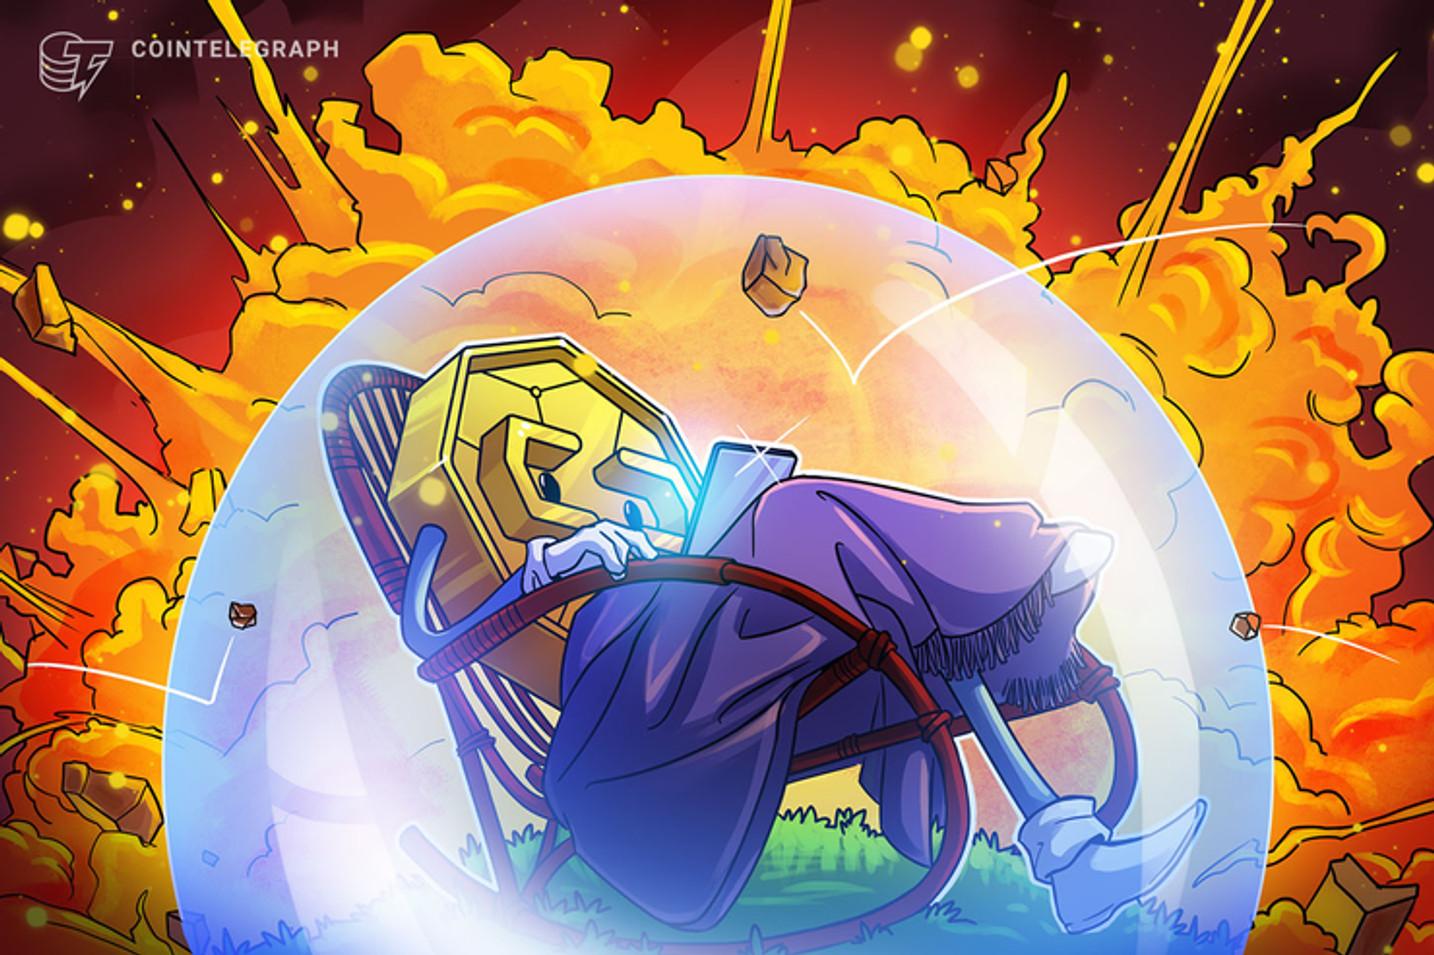 Pensando em comprar Bitcoin? Confira algumas dicas de Early adopters de BTC